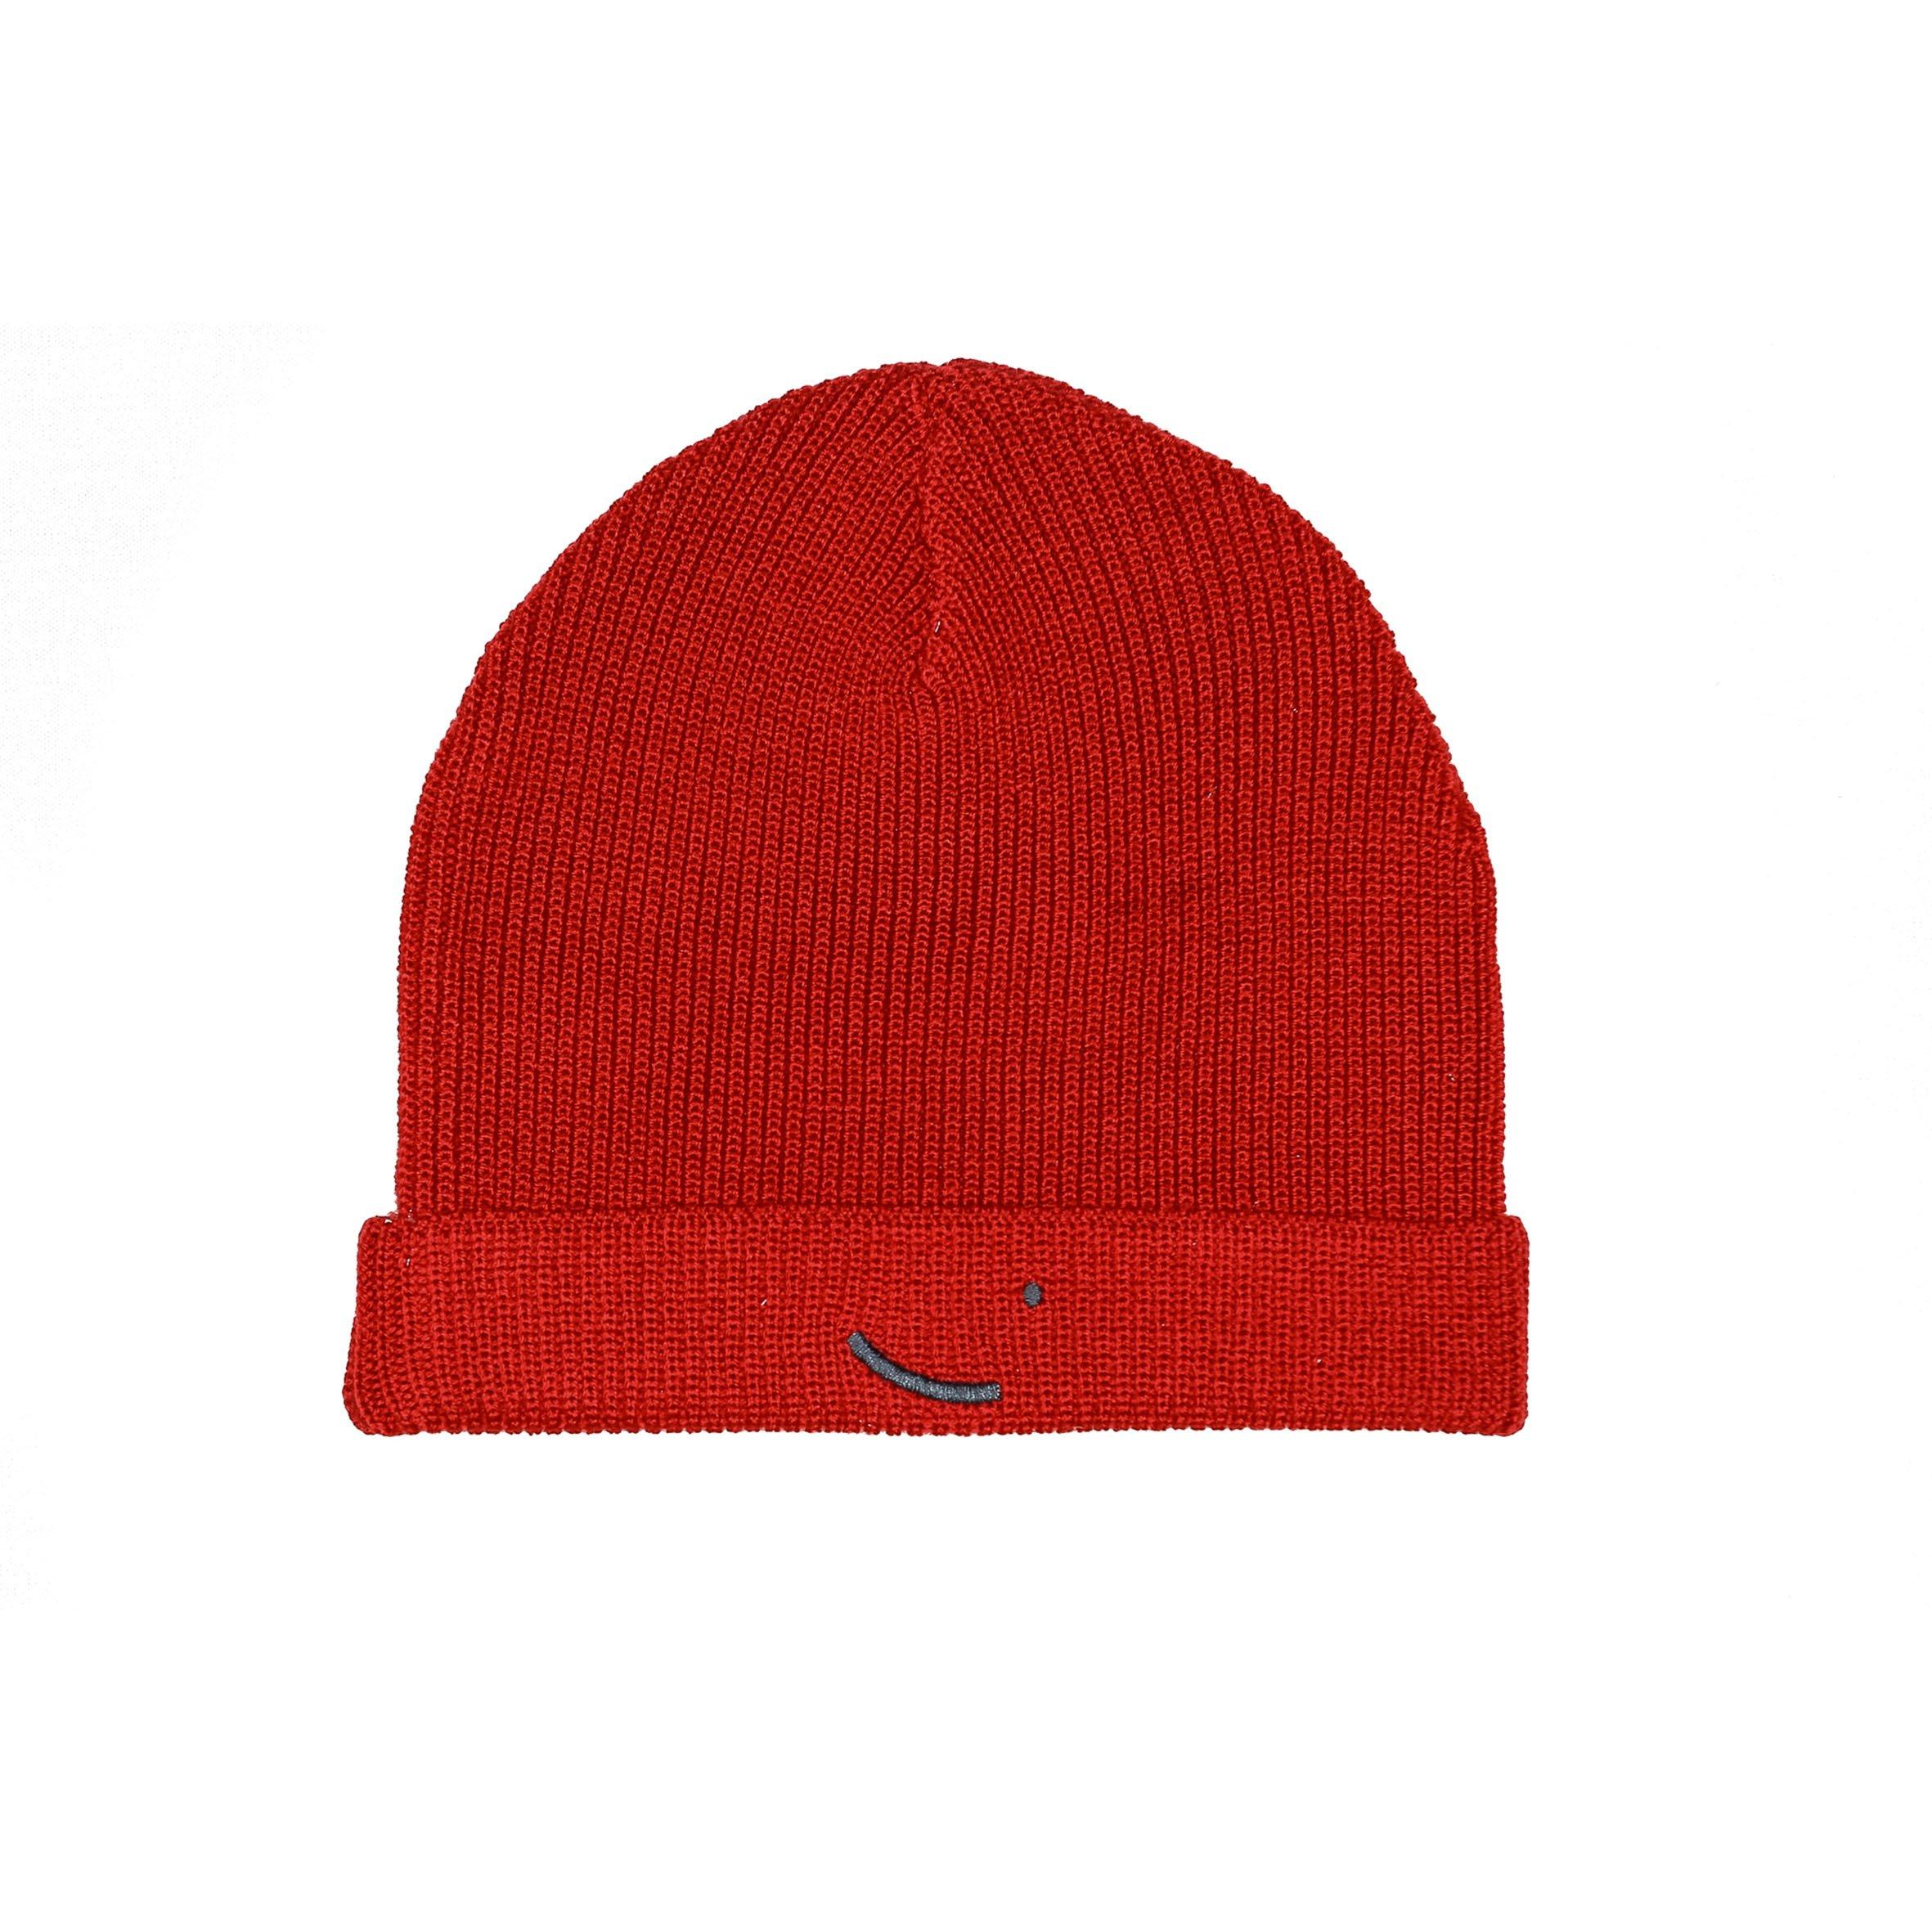 Merino Wool beanie Cairo - Red from hatsup